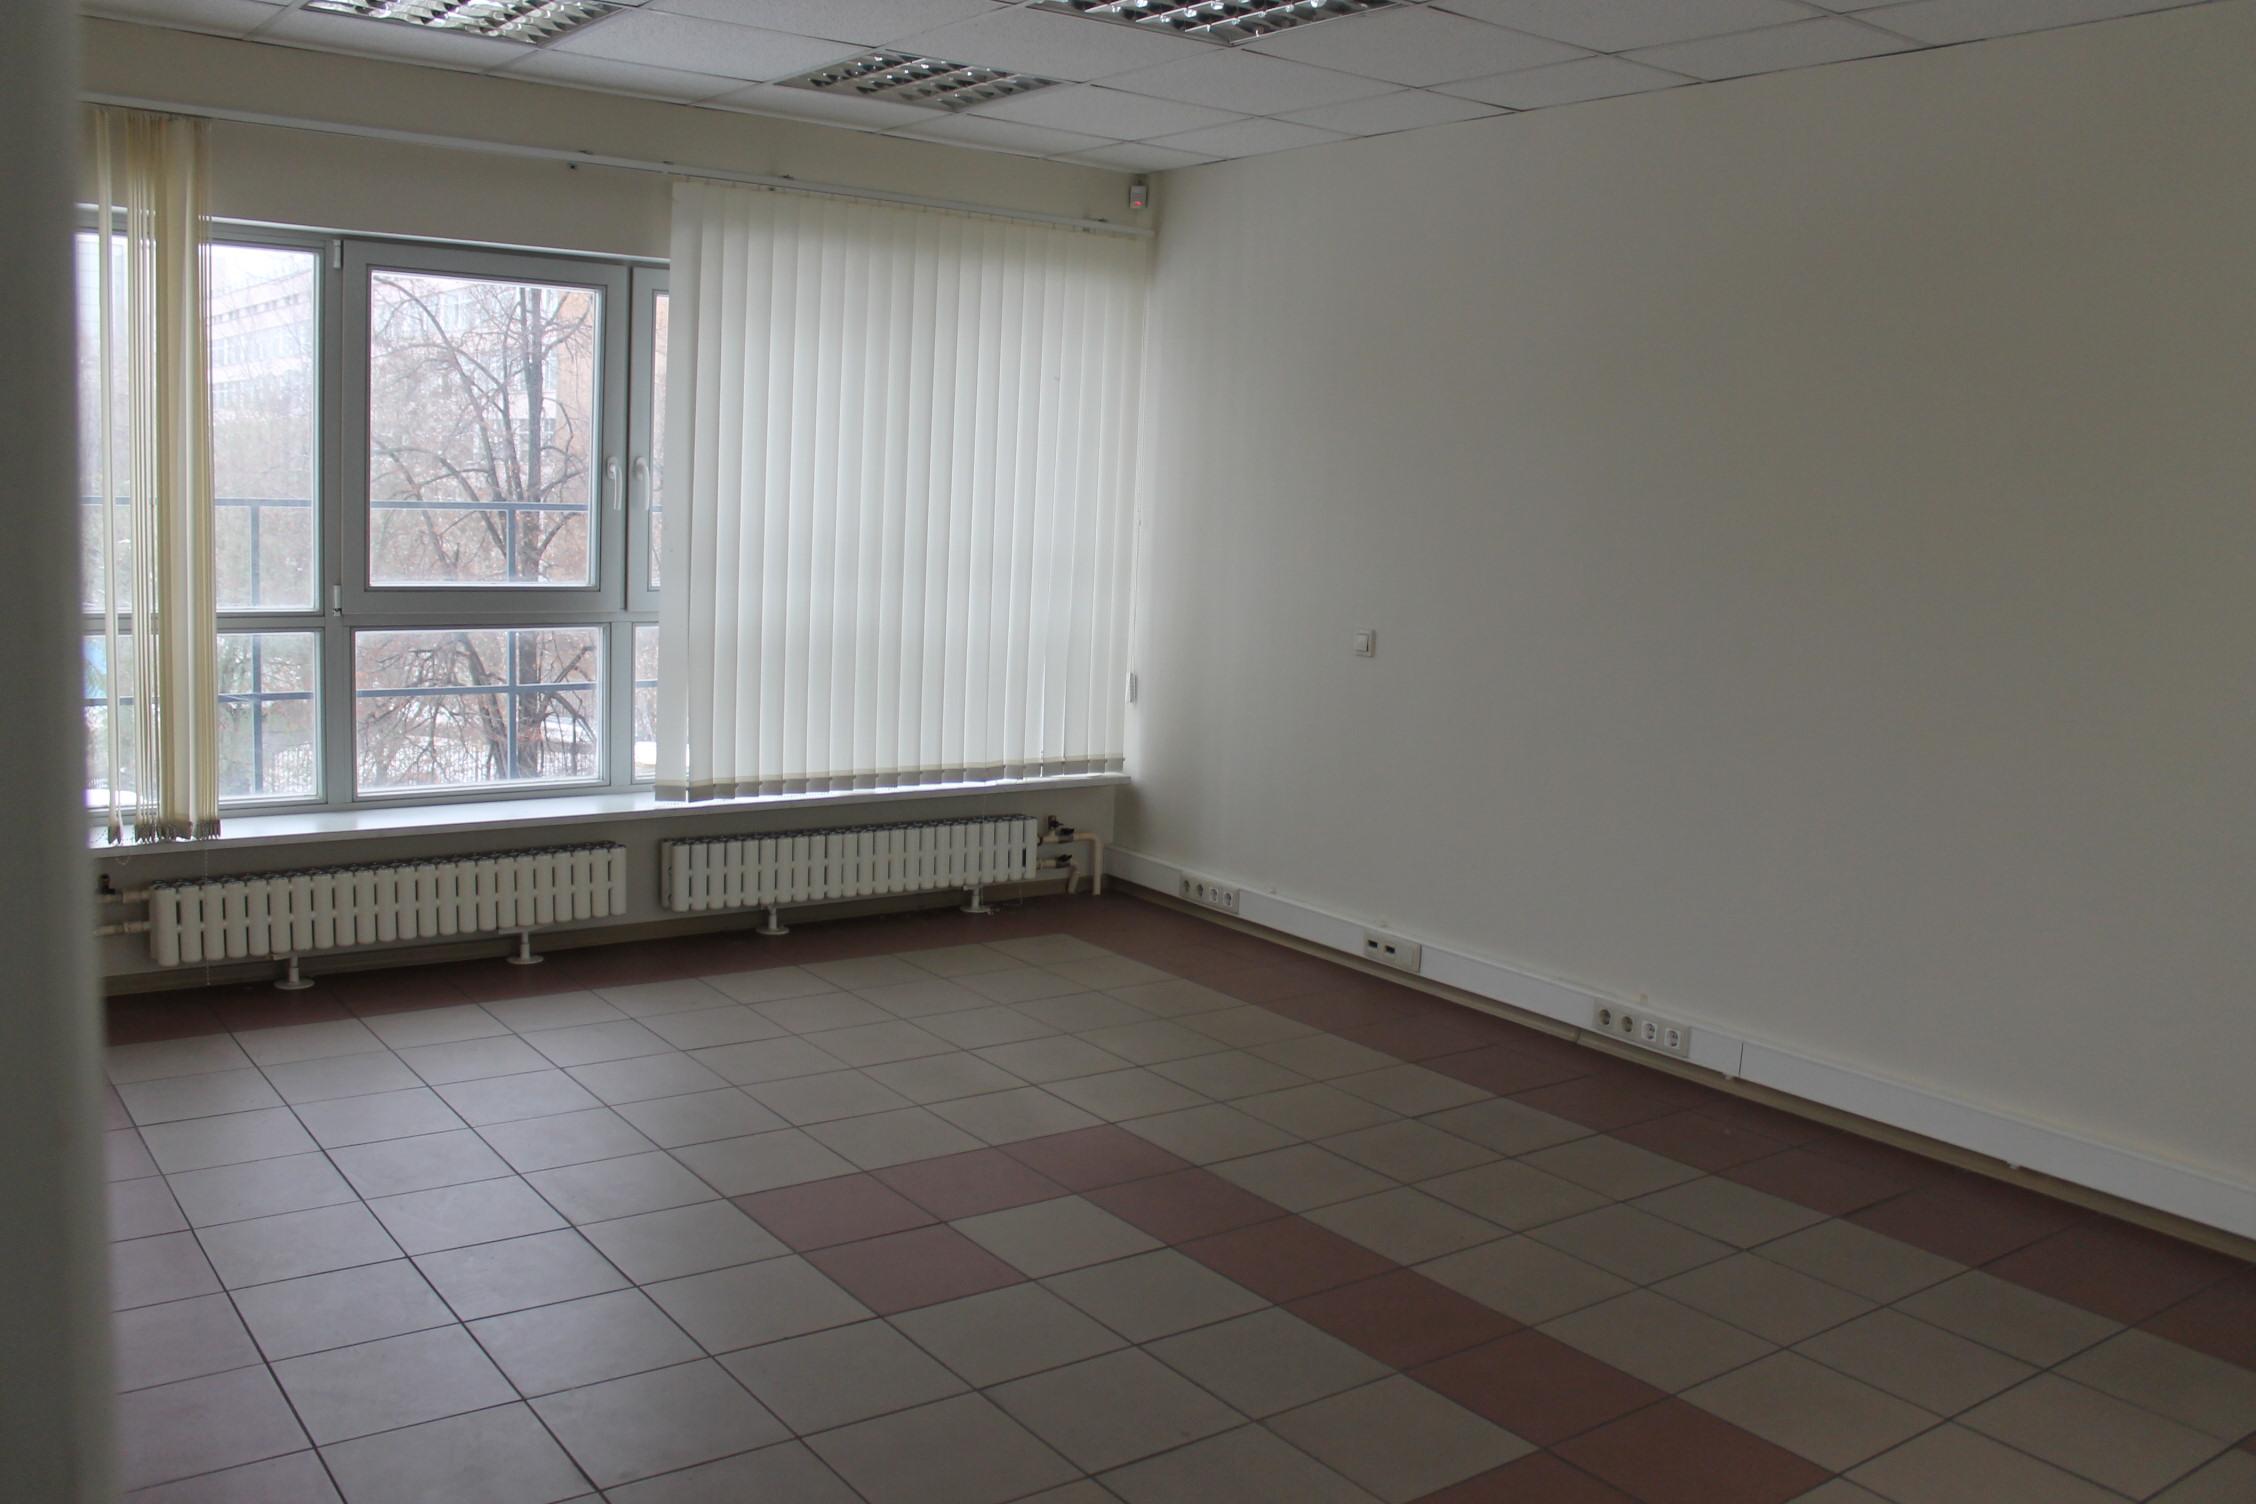 Аренда офиса без посредников от собственника москва аренда офиса ул.б.каменщики д.15